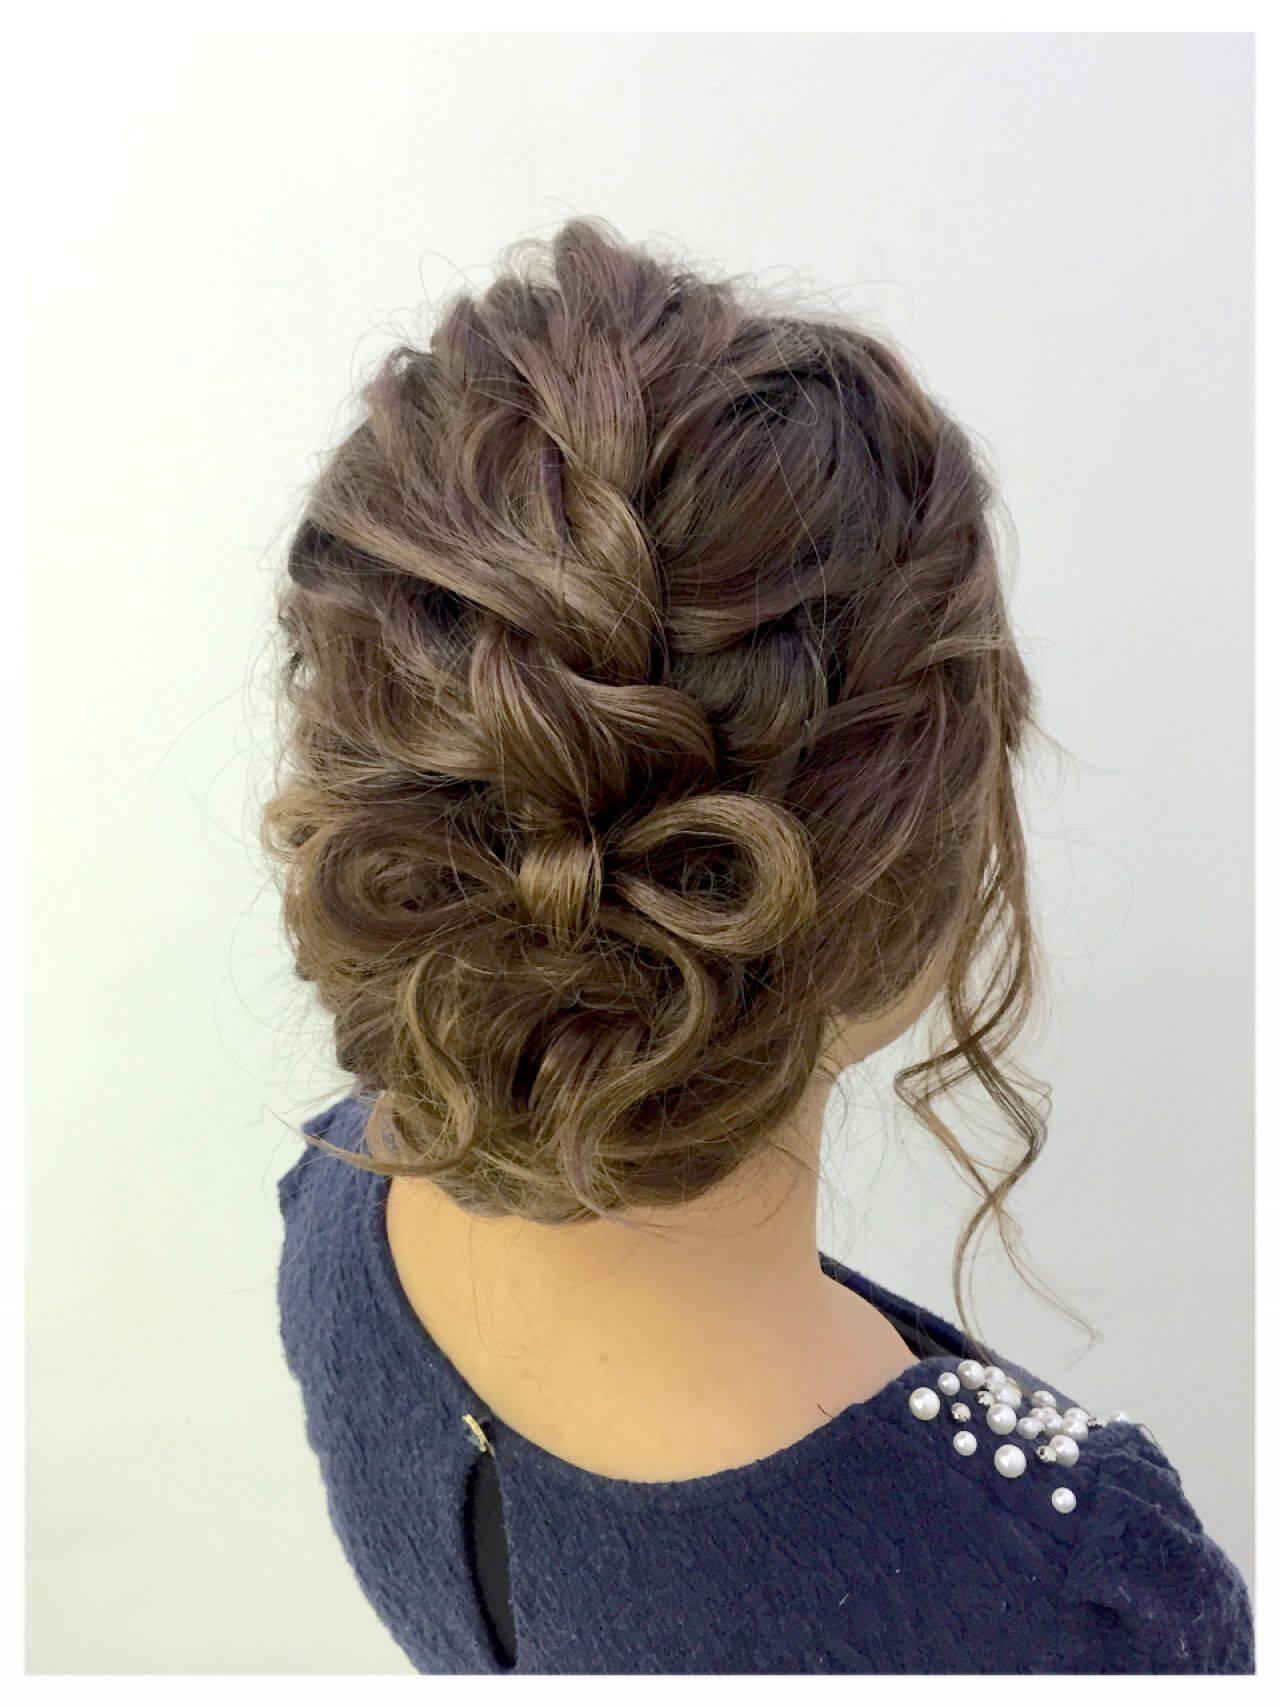 ナチュラル アップスタイル ねじり ヘアアレンジヘアスタイルや髪型の写真・画像